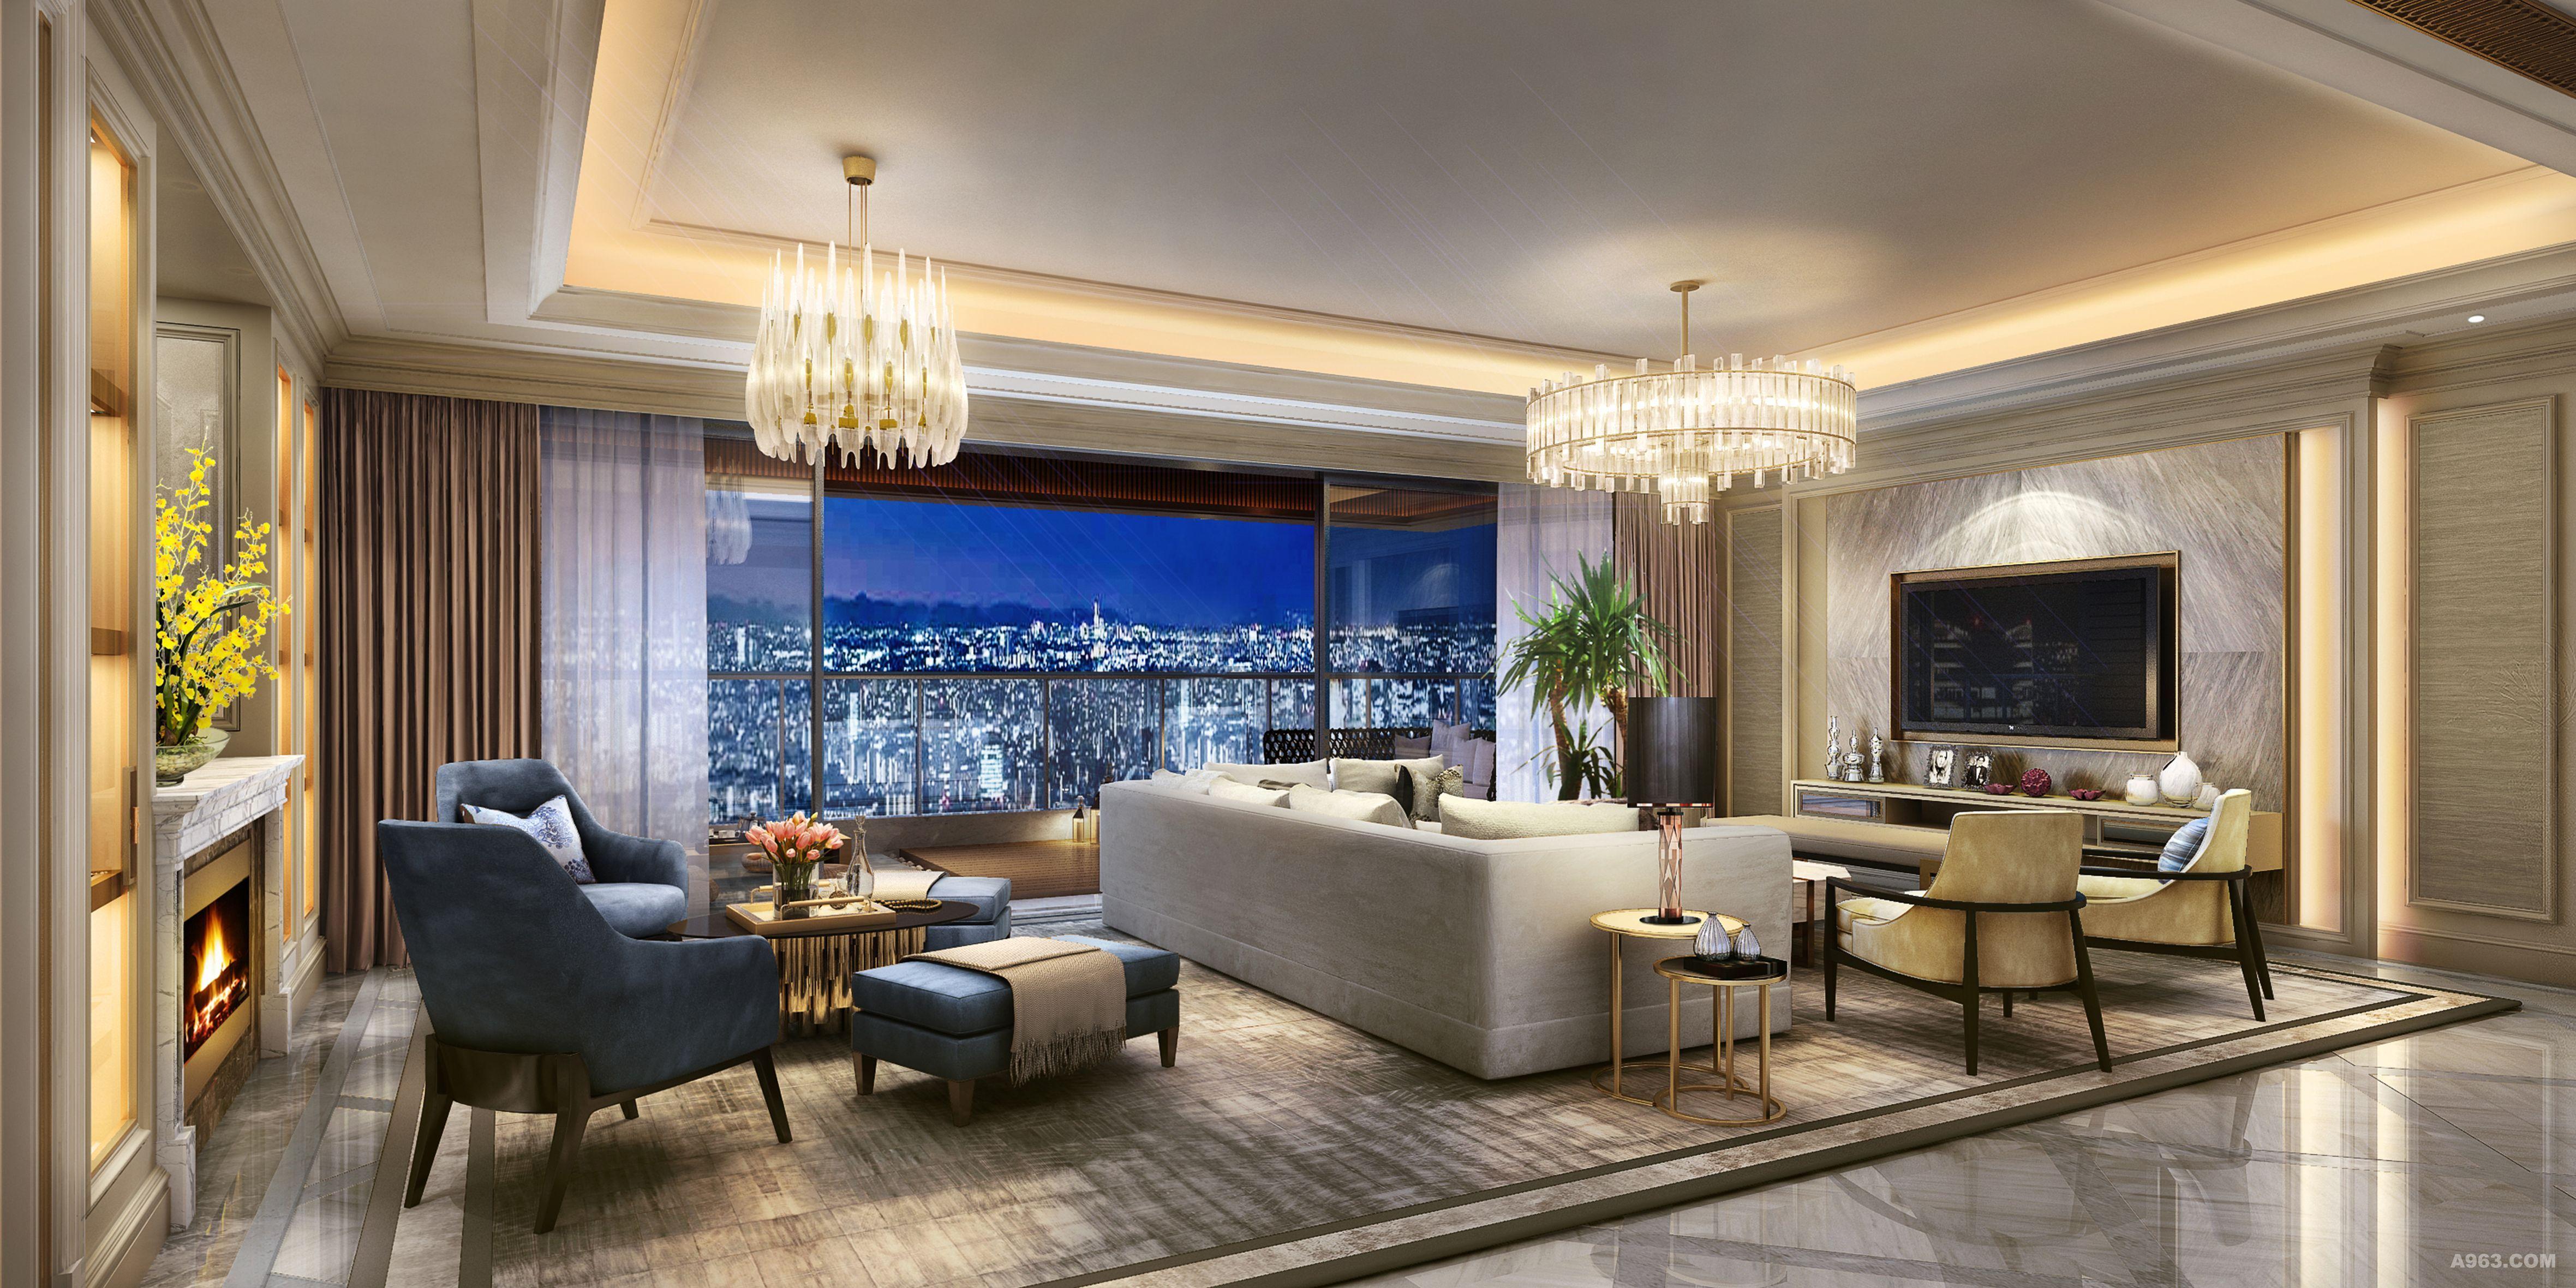 客厅:客厅整体空间以暖棕色为主,使其充满生命活力,张扬又不失尊贵和品质感。 主卧:卧室作为私密空间保持静谧以及这一份零距离的舒适,不那么浮华也不矫揉造作却依然保留着简欧家饰的那一份惬意和浪漫。